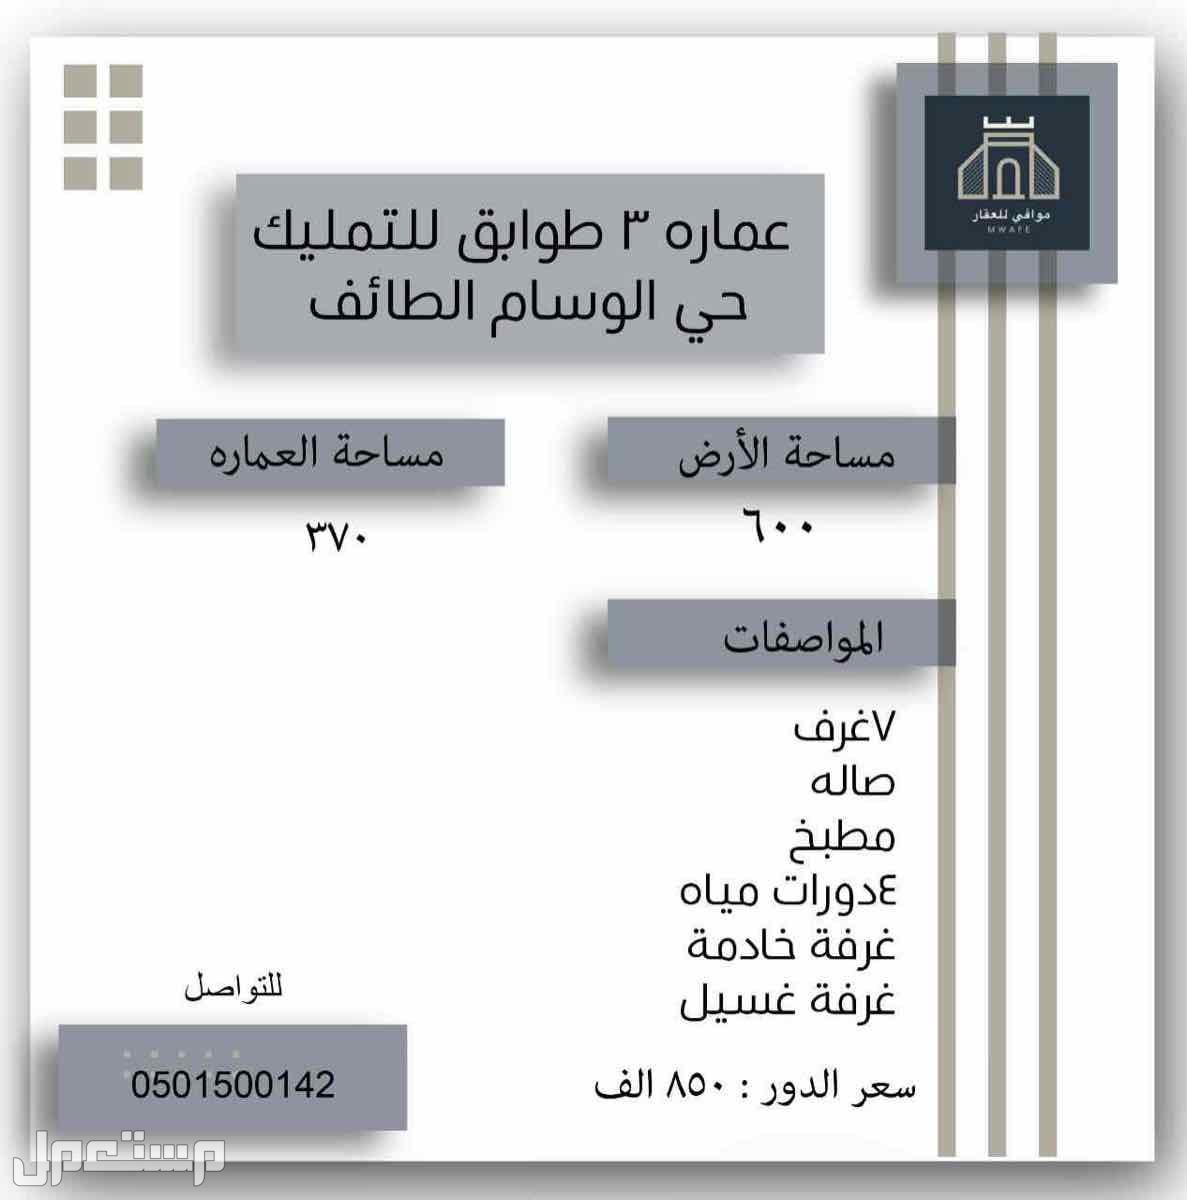 عماره 3 طوابق للتمليك / حي الوسام الطائف